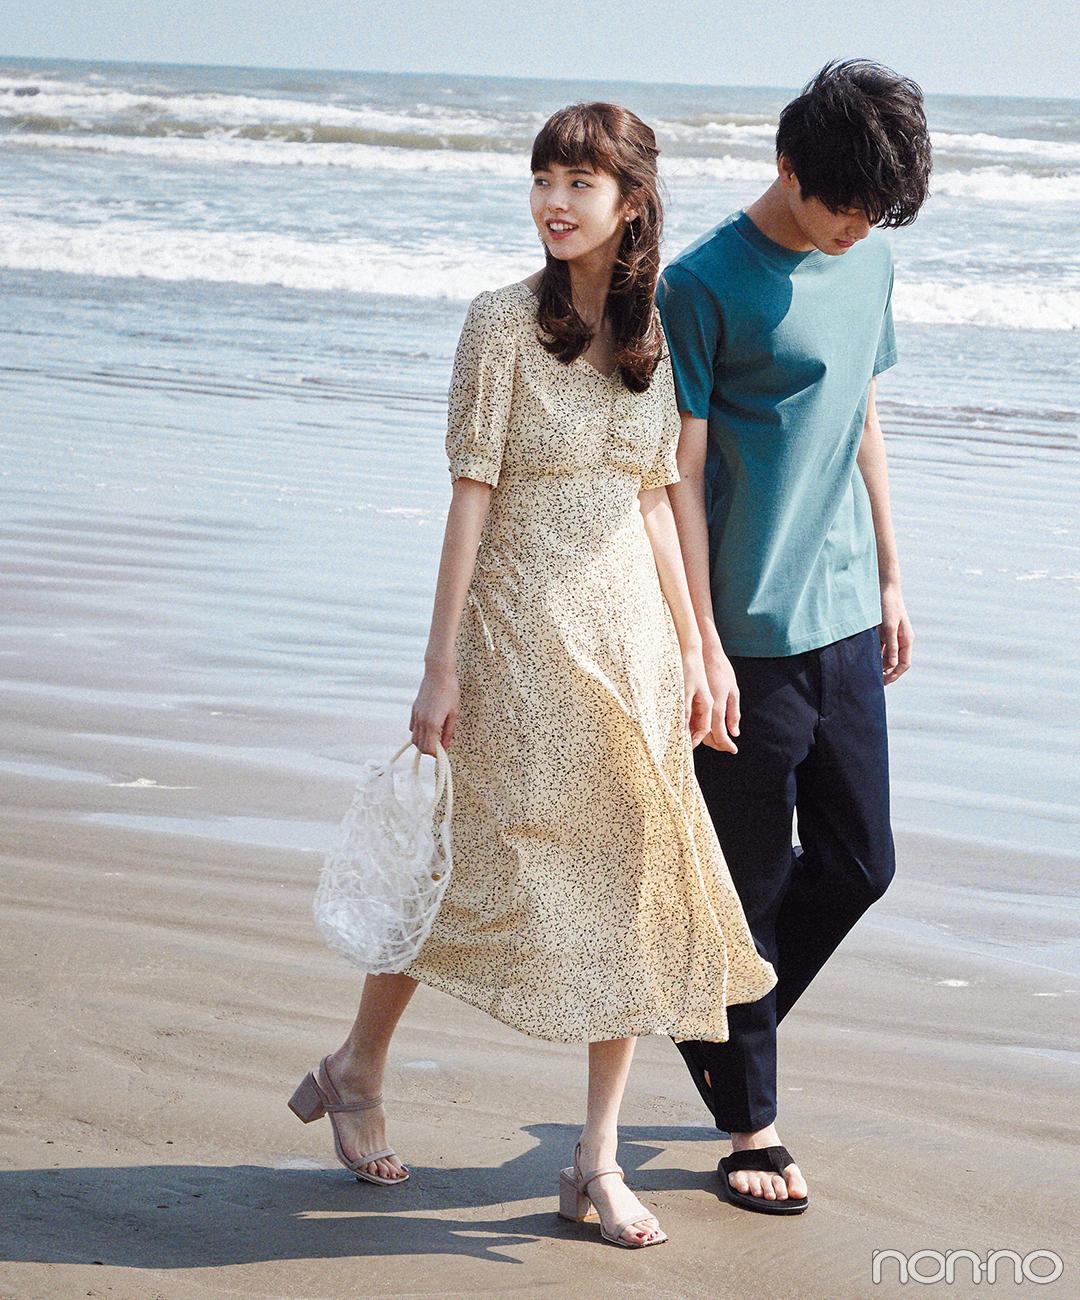 デートコーデならロングワンピースの出番! 海辺で着れば可愛さ満点♡【毎日コーデ】_1_1